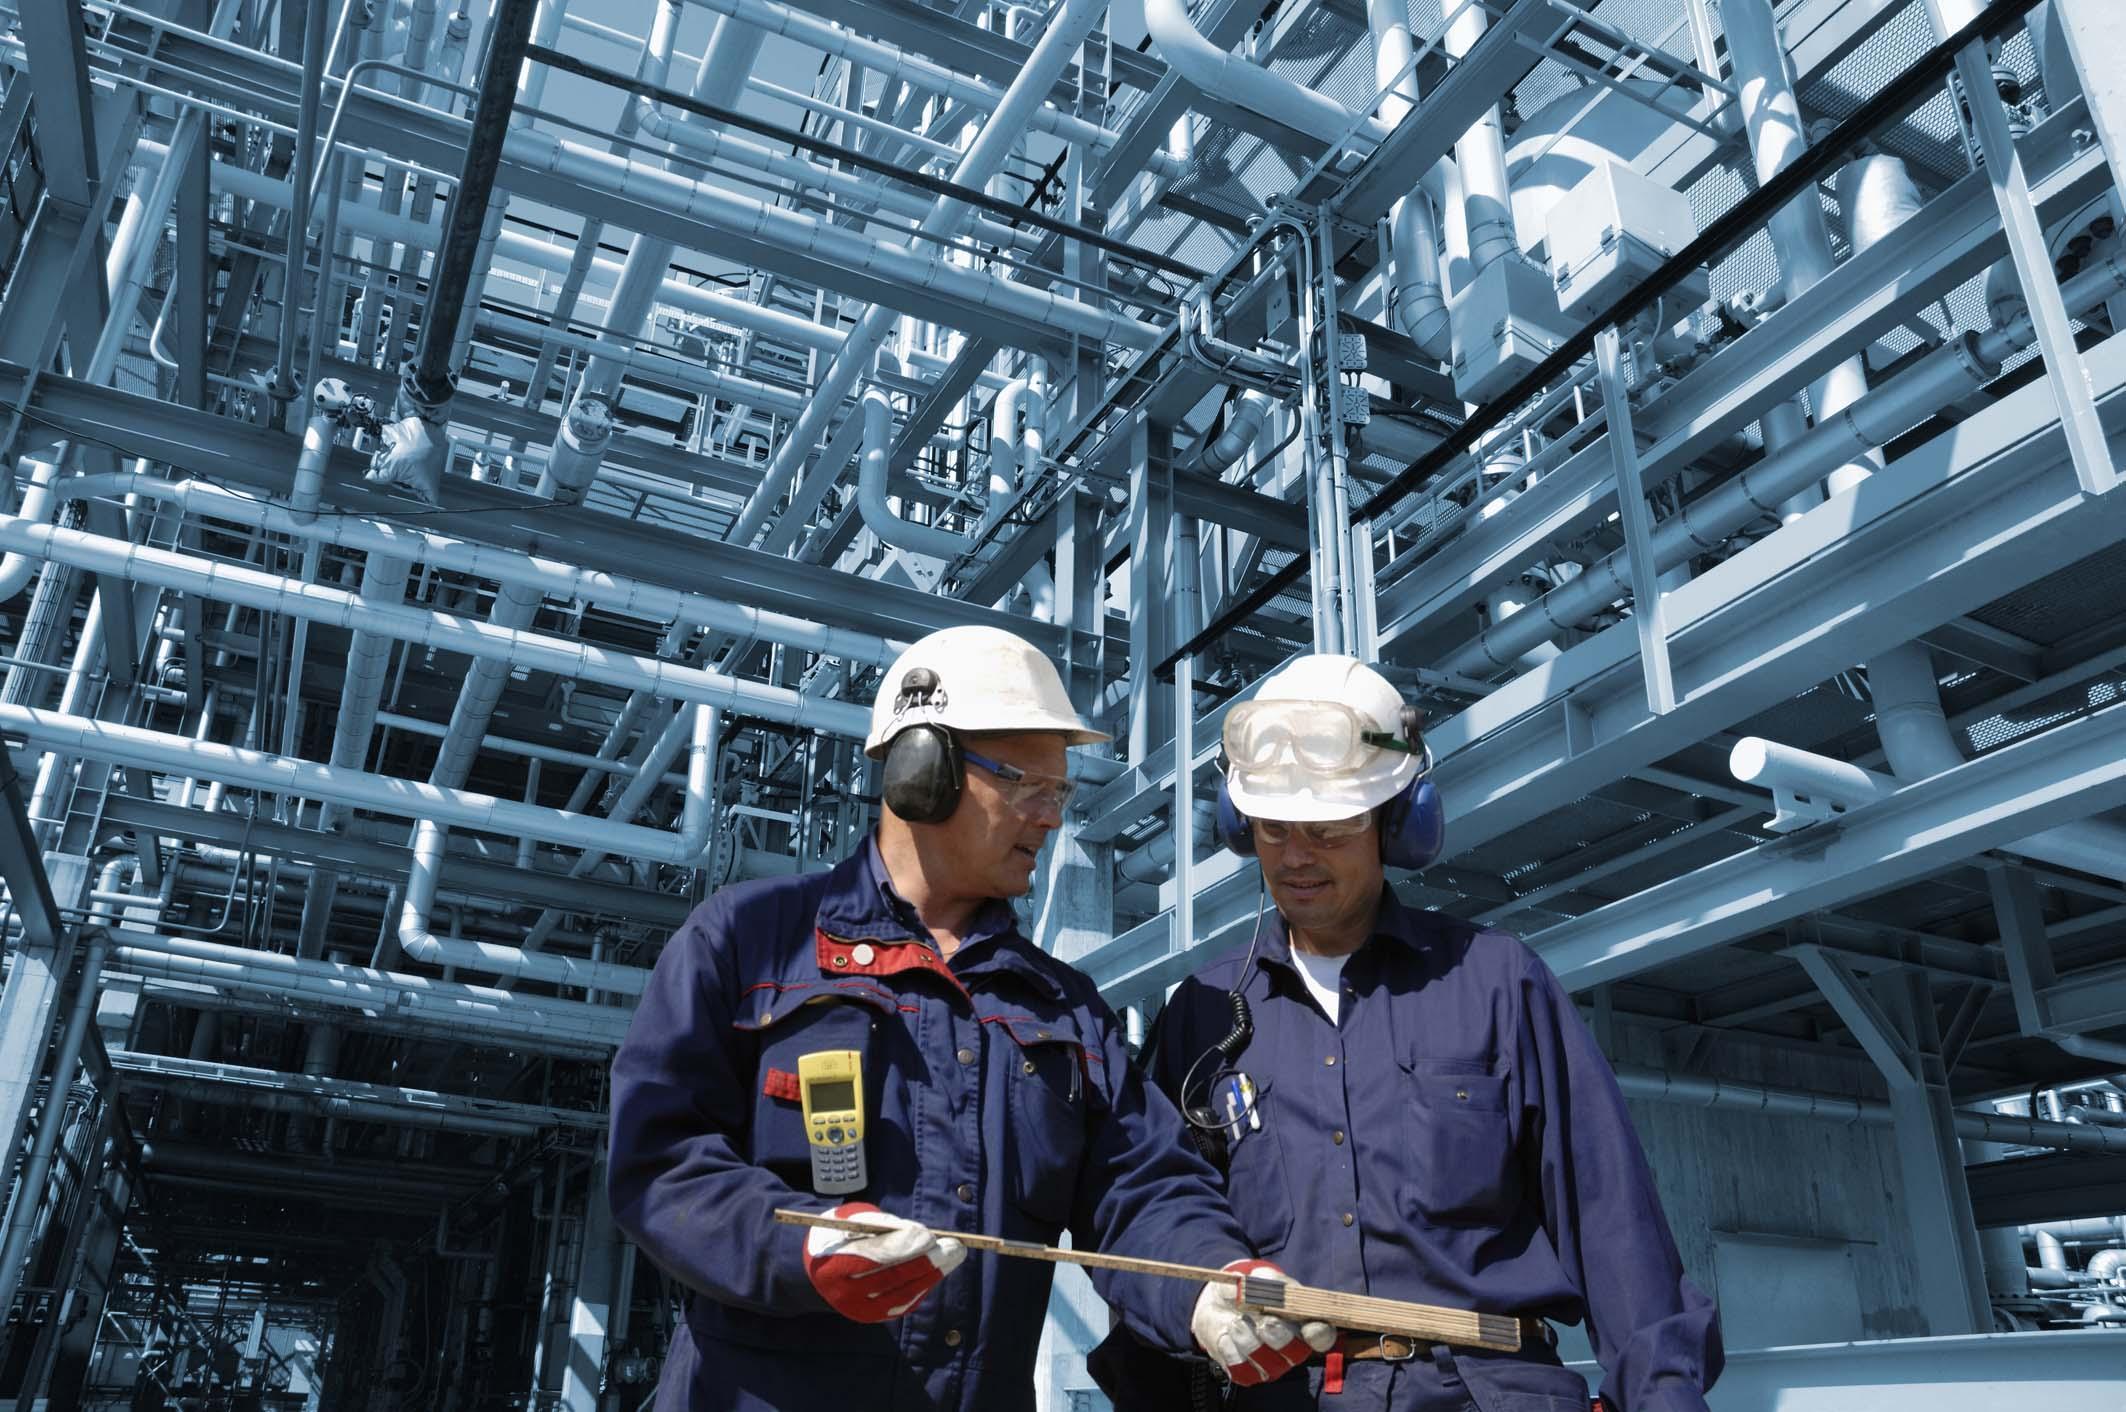 Comissionamento e Start-up de equipamentos industriais